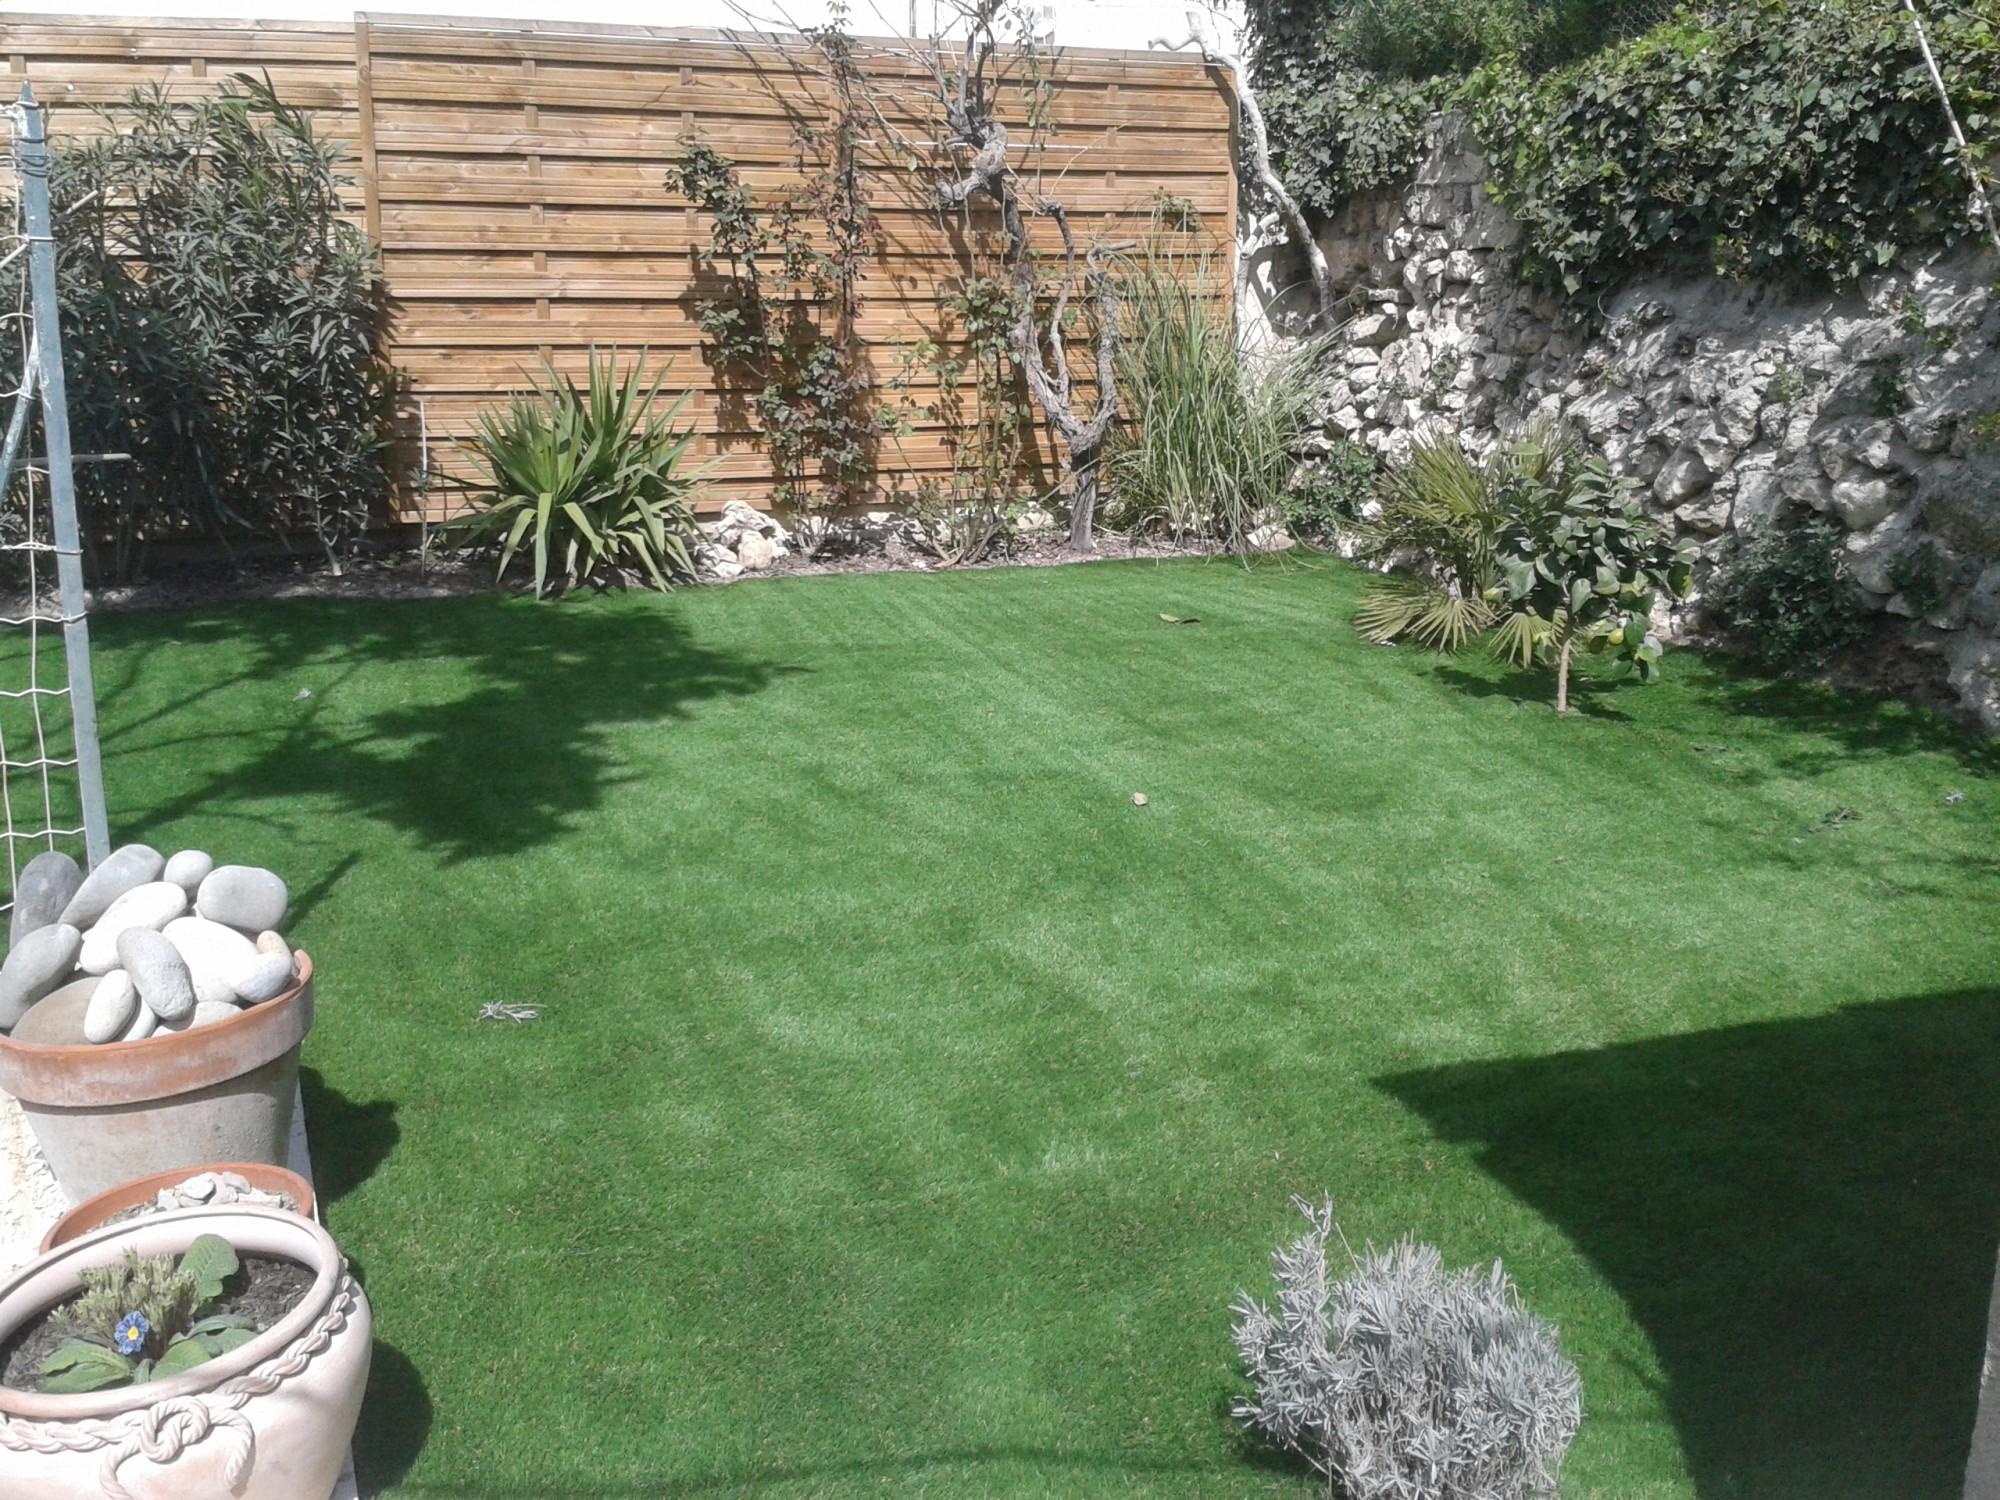 Pose d 39 un gazon synth tique nice dans un jardin la pose gazon synth tiq - Vente gazon synthetique ...